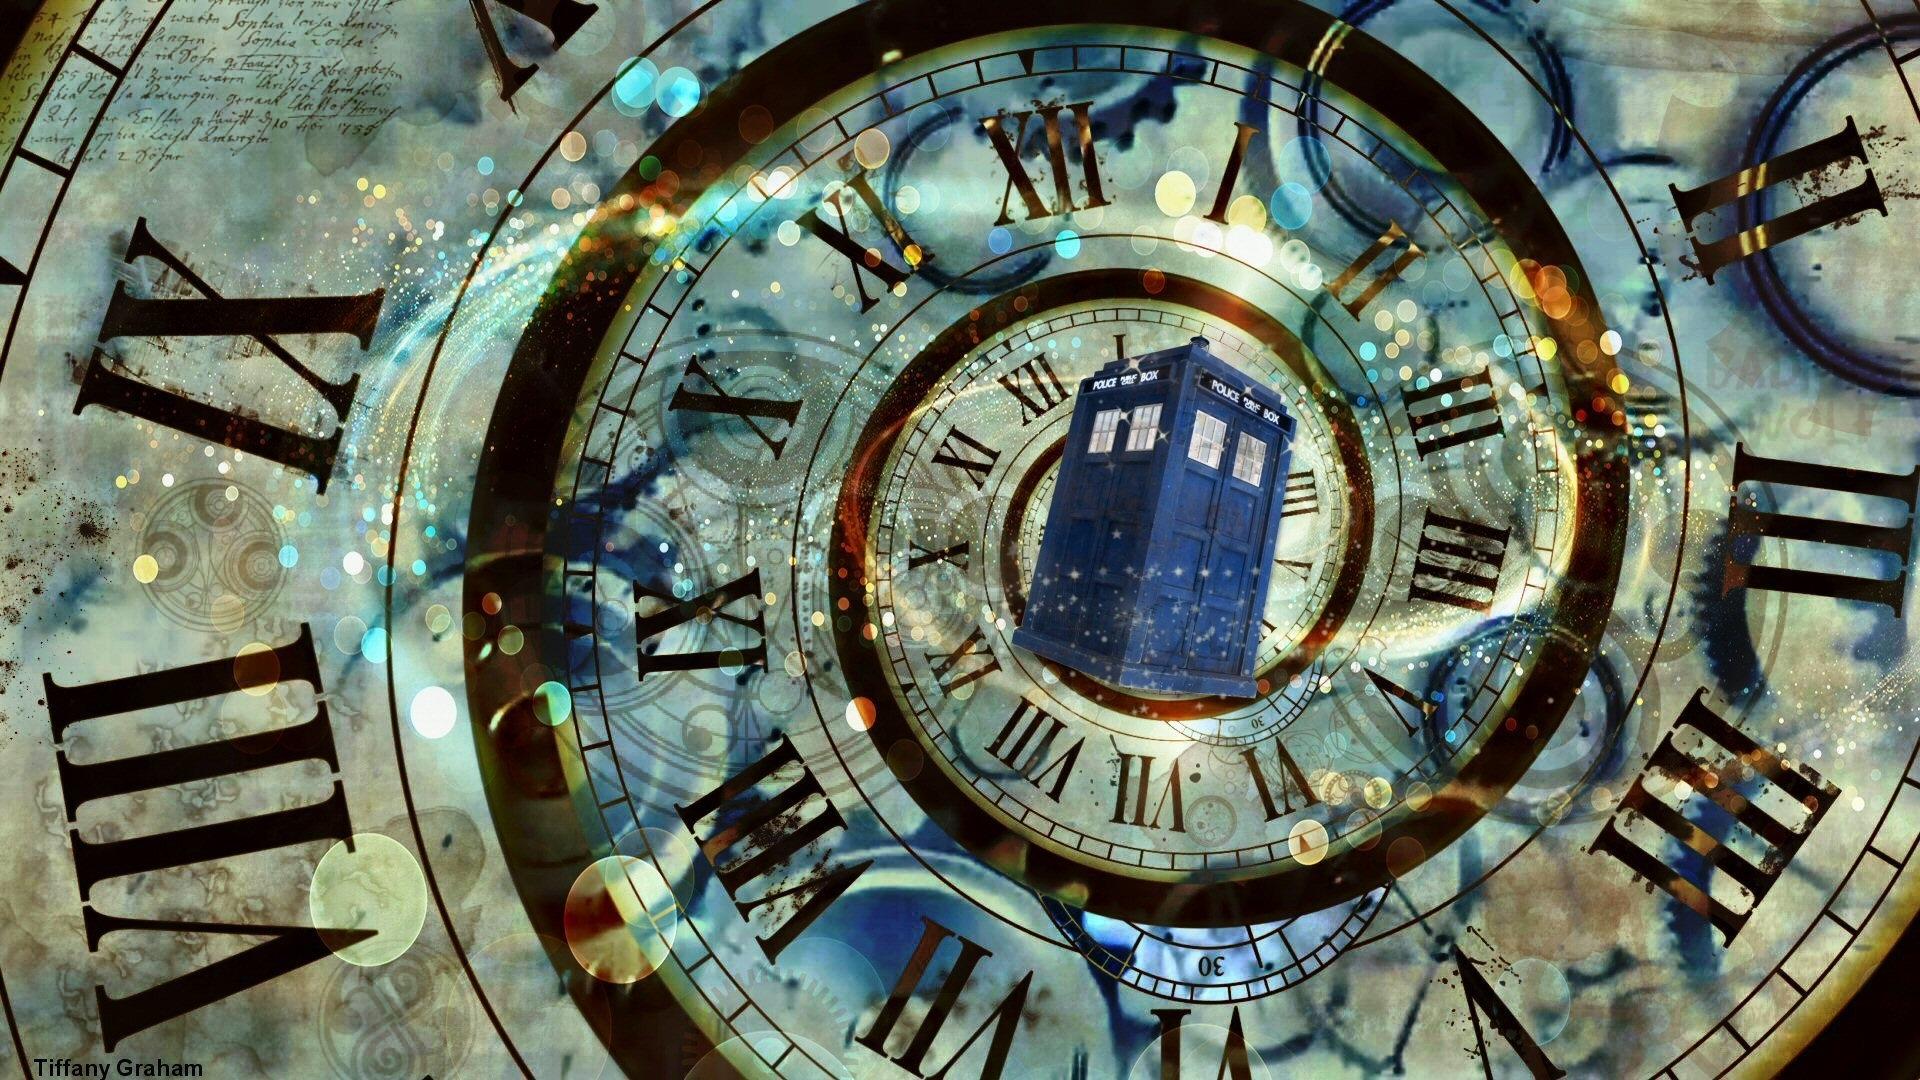 new doctor who tardis wallpaper (∩_∩) | ღ • aberrant rhetoric • ღ